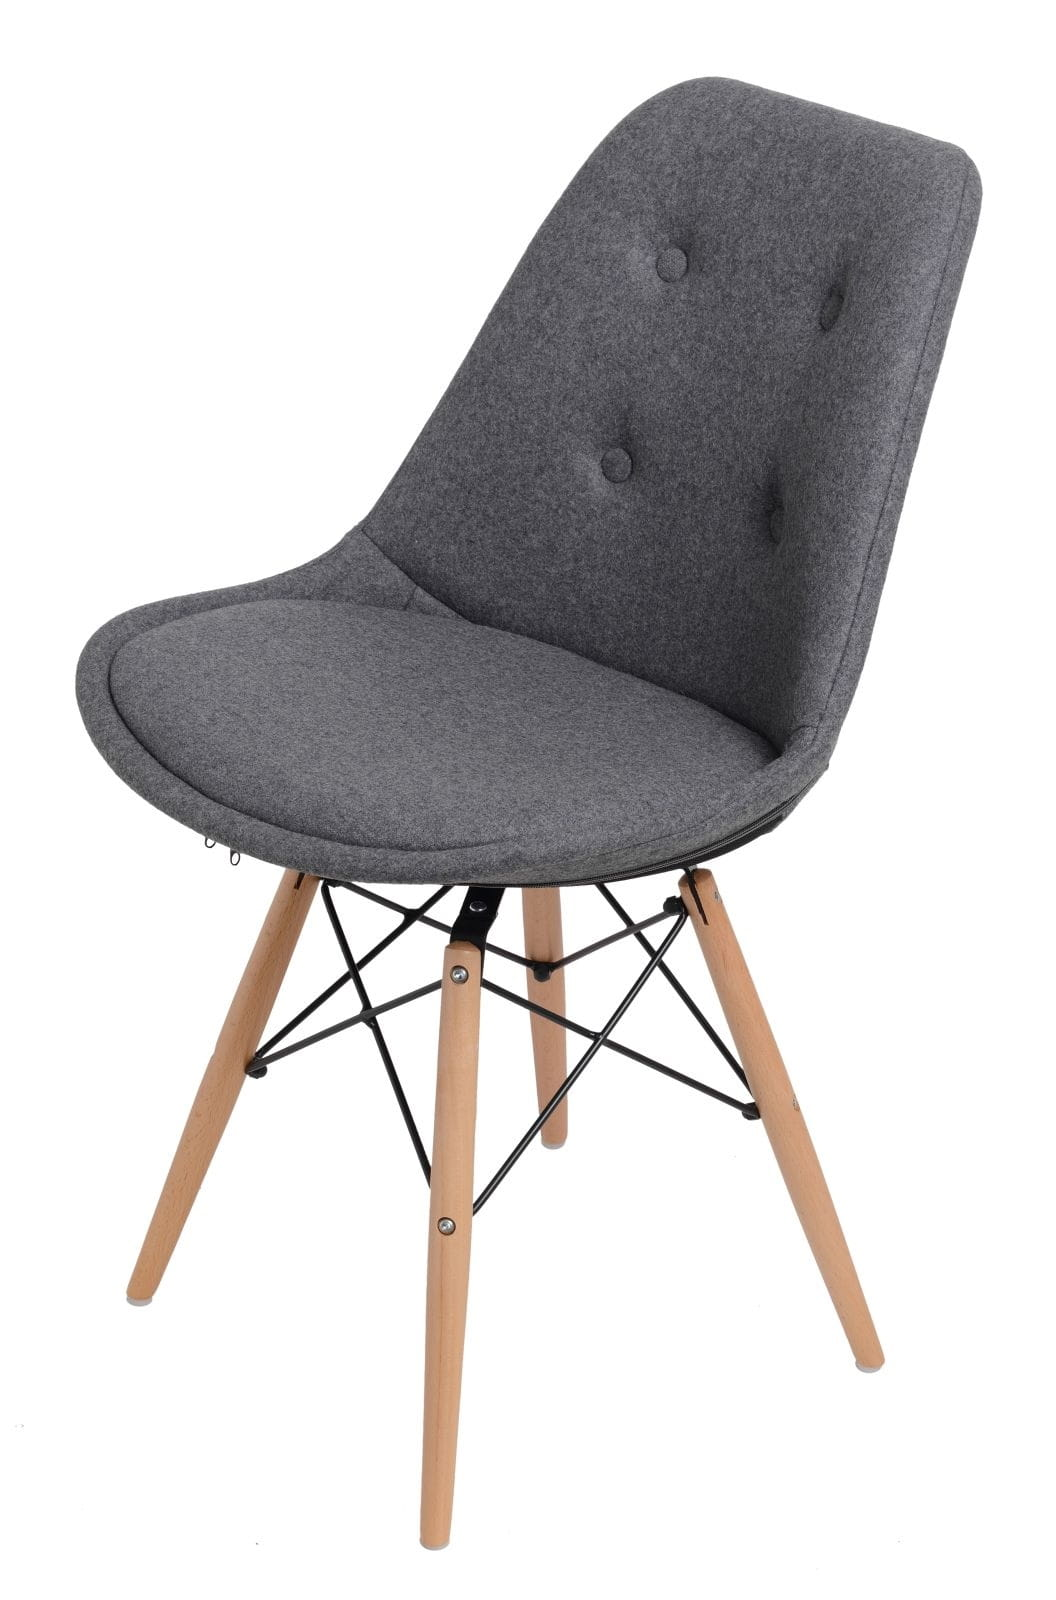 Cudowna Krzesło Skandynawskie pikowane szare LEVEN design for you TE27